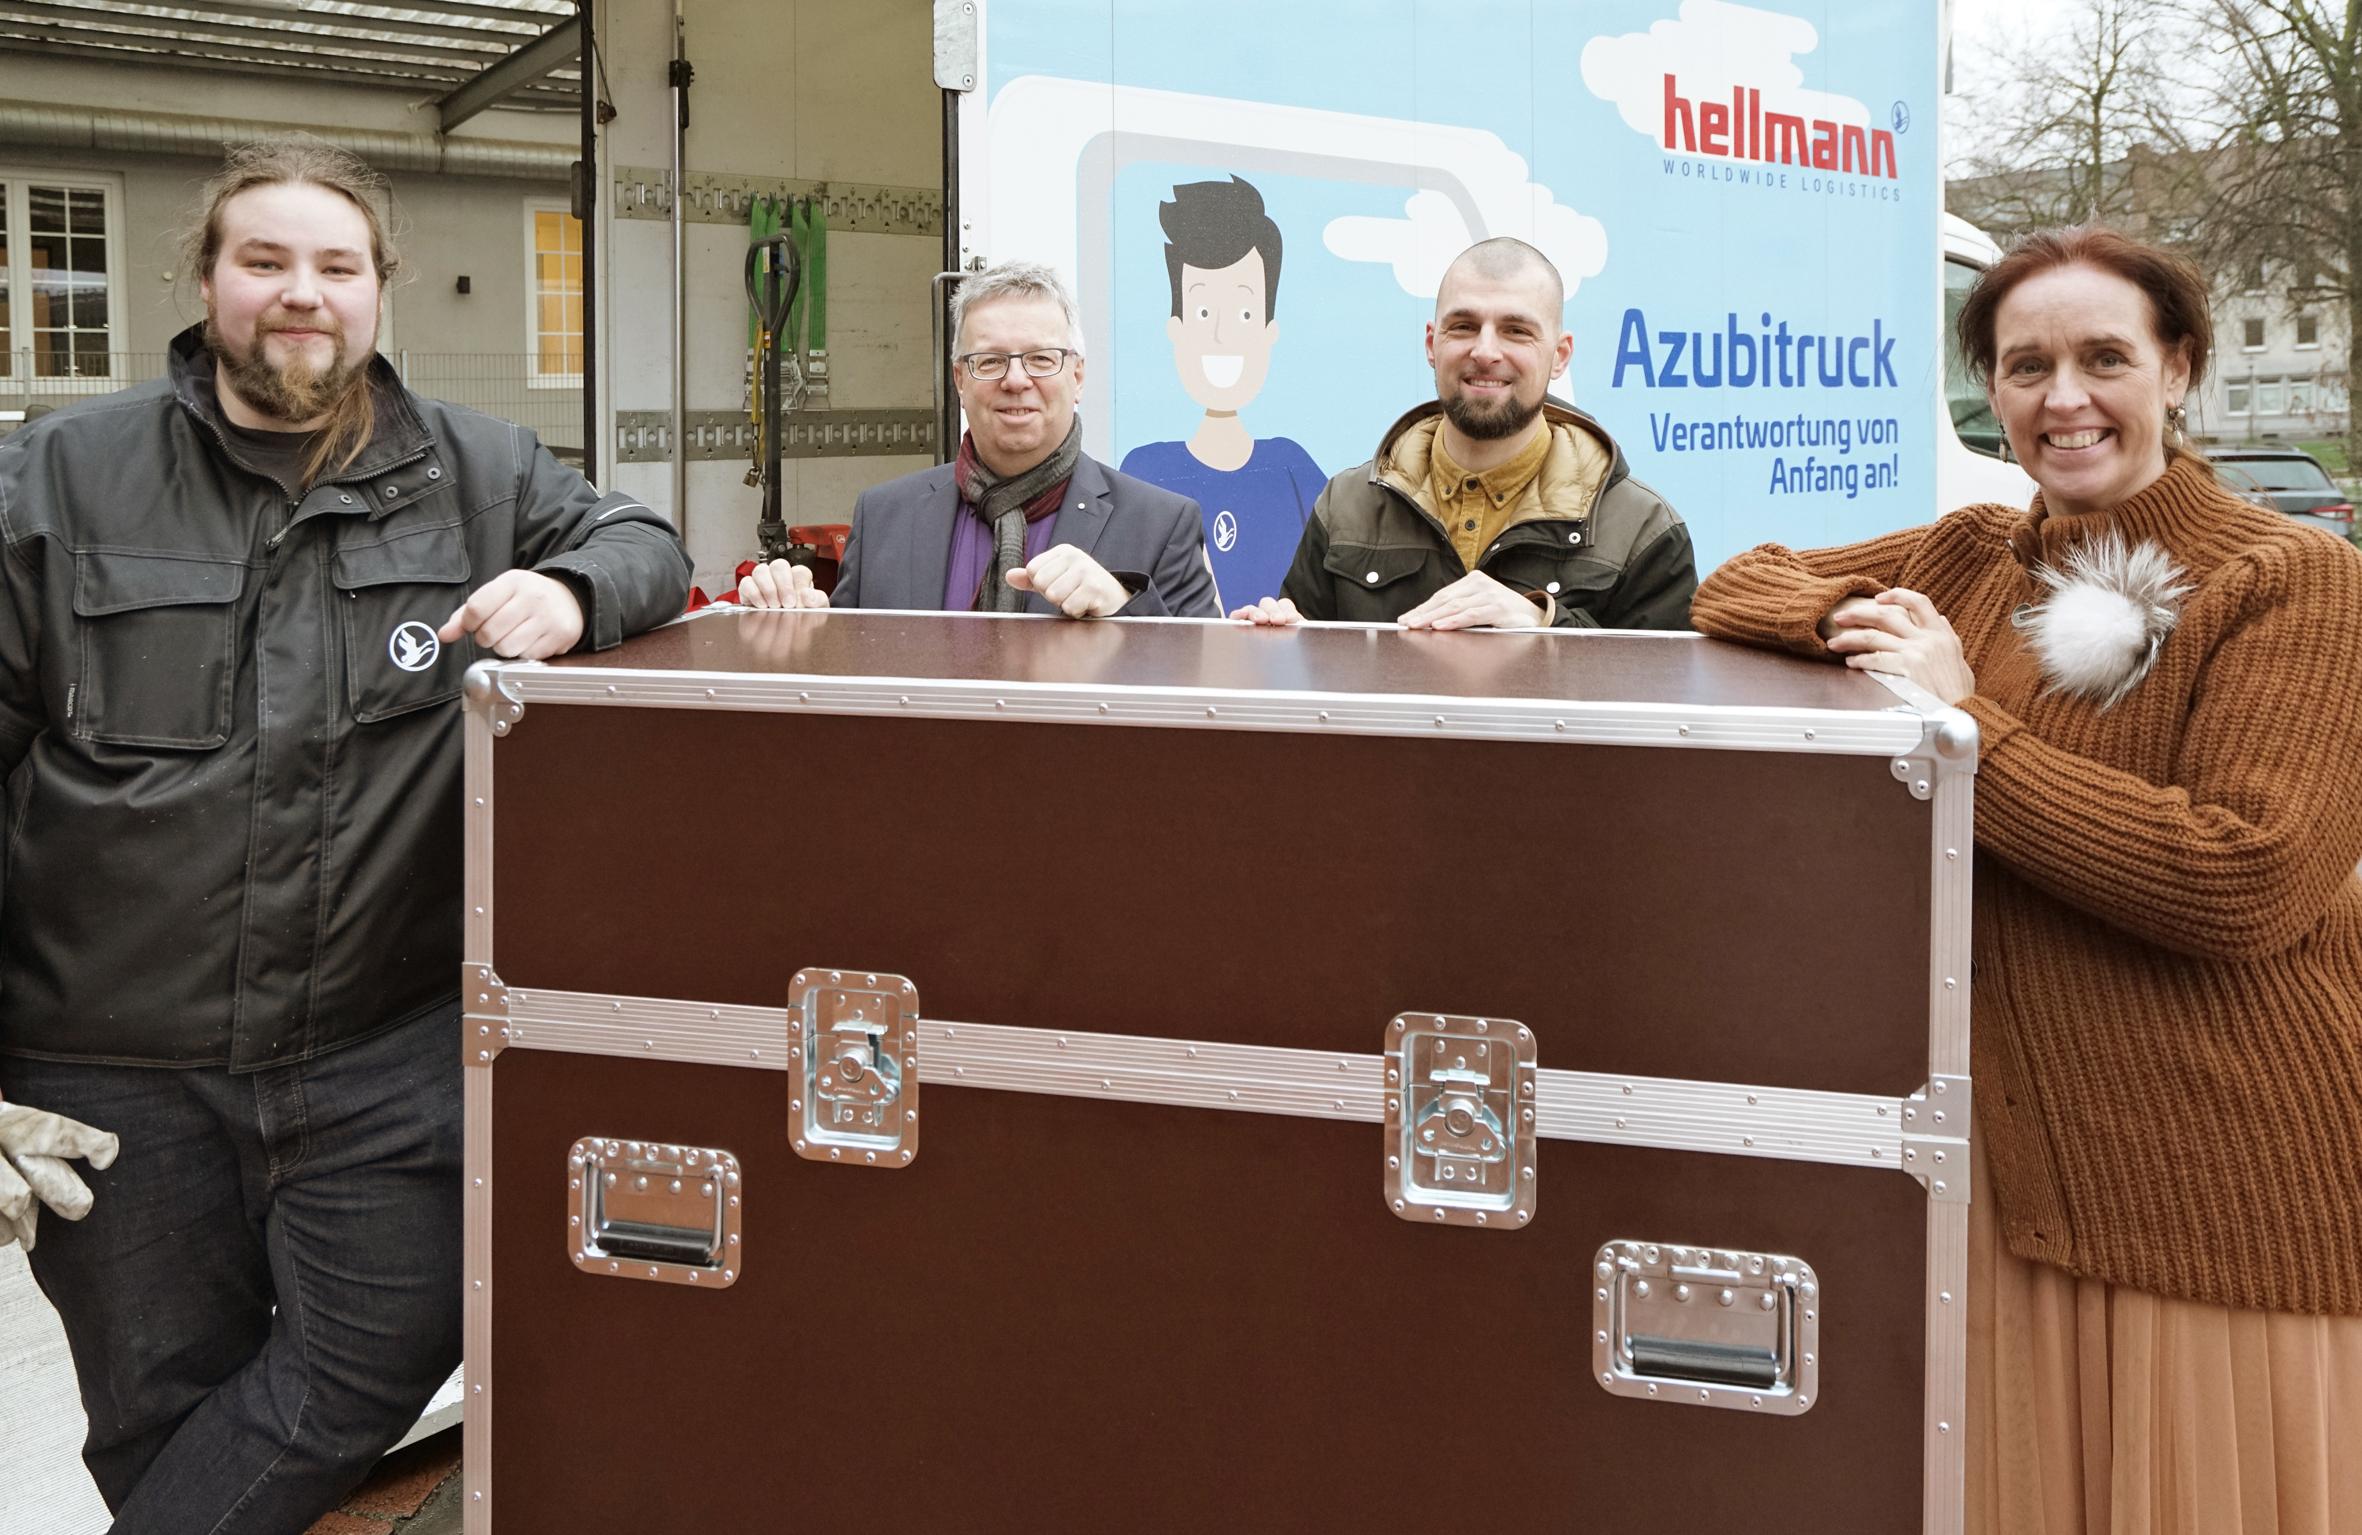 Agentur sec und Hellmann Logistik mit einem Flightcase